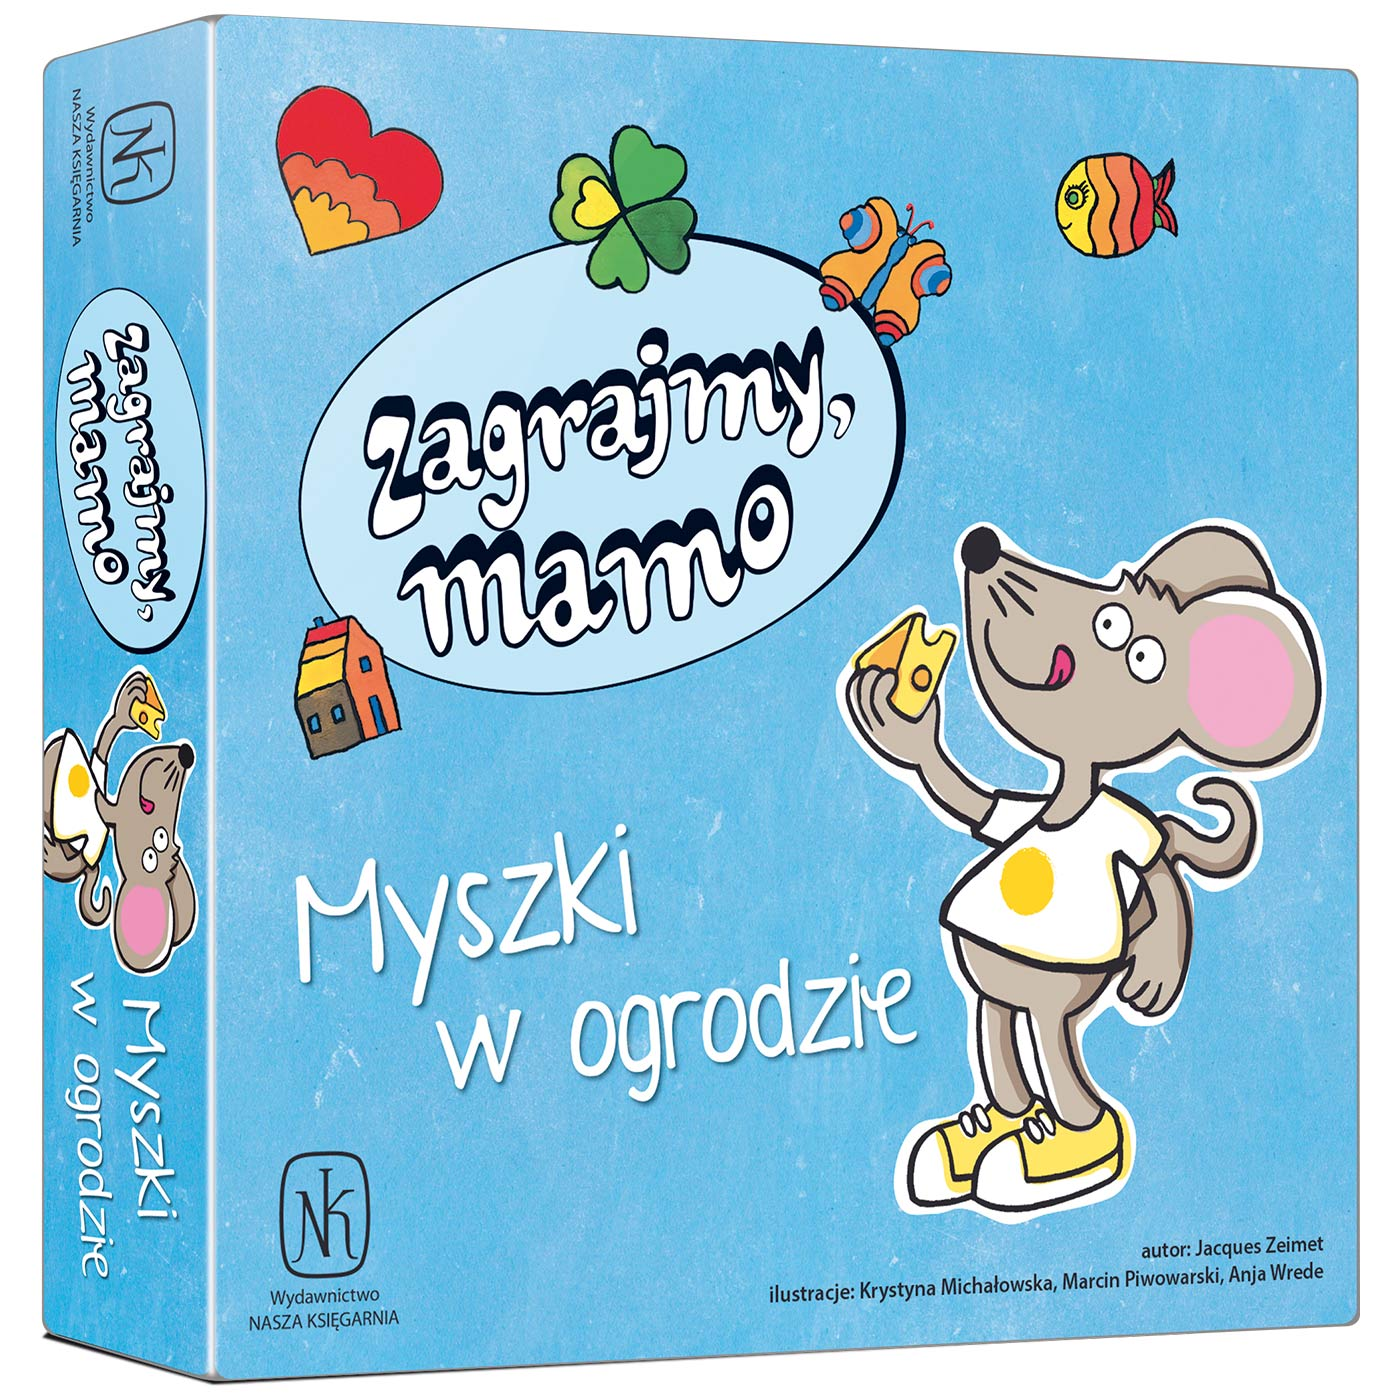 Zagrajmy, mamo – Myszki w ogrodzie